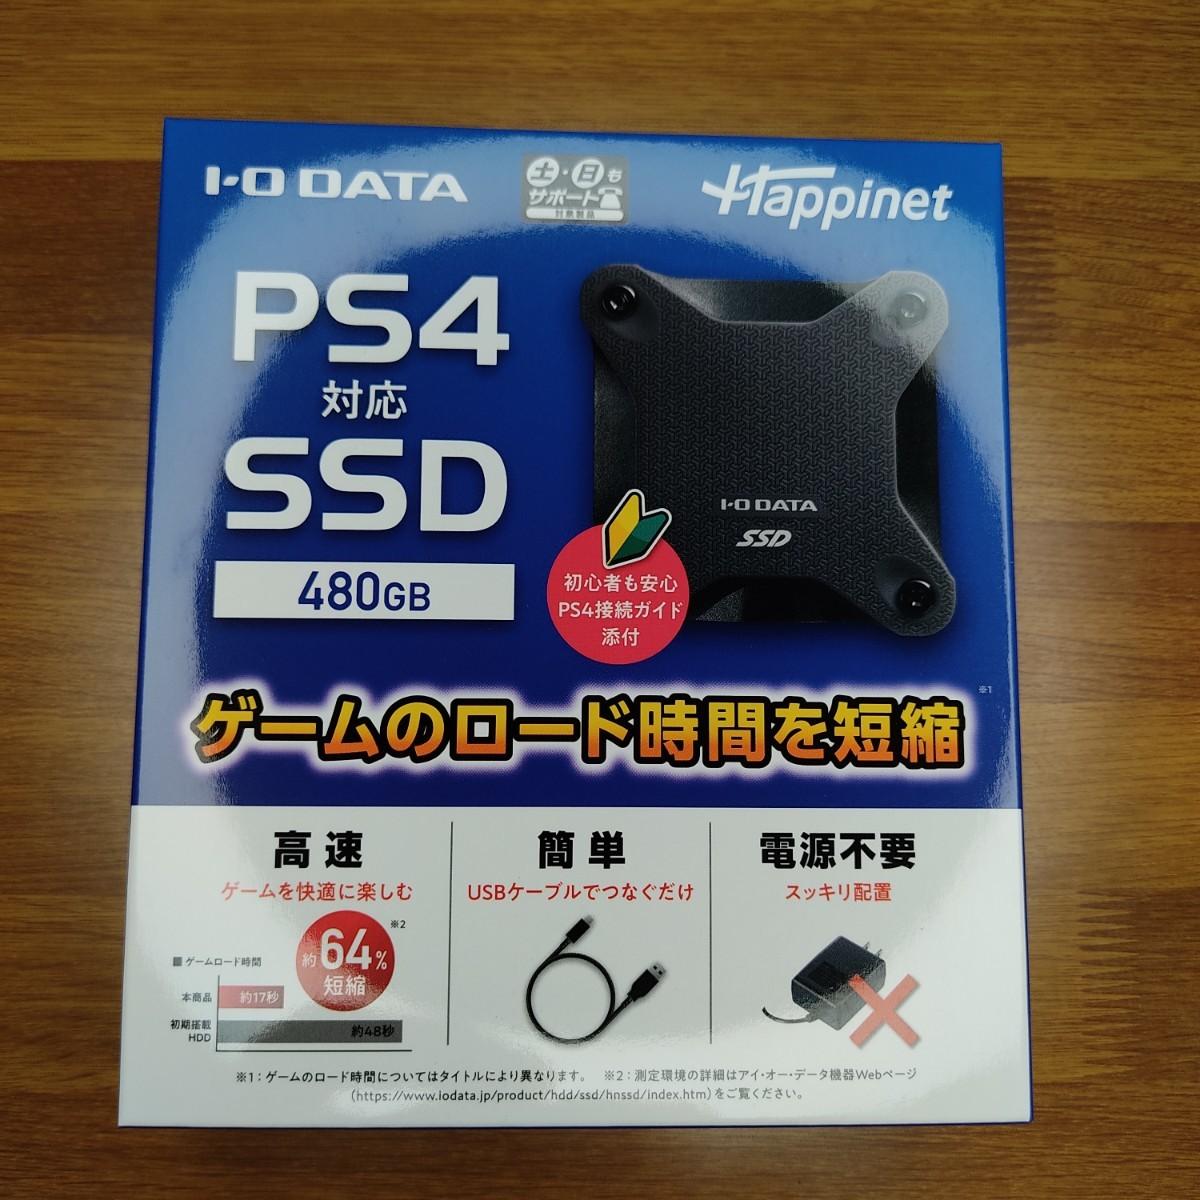 新品未使用◇SSD 480GB 外付けSSD PS4・PS5対応 HNSSD-480BK I-O DATA アイオーデータ